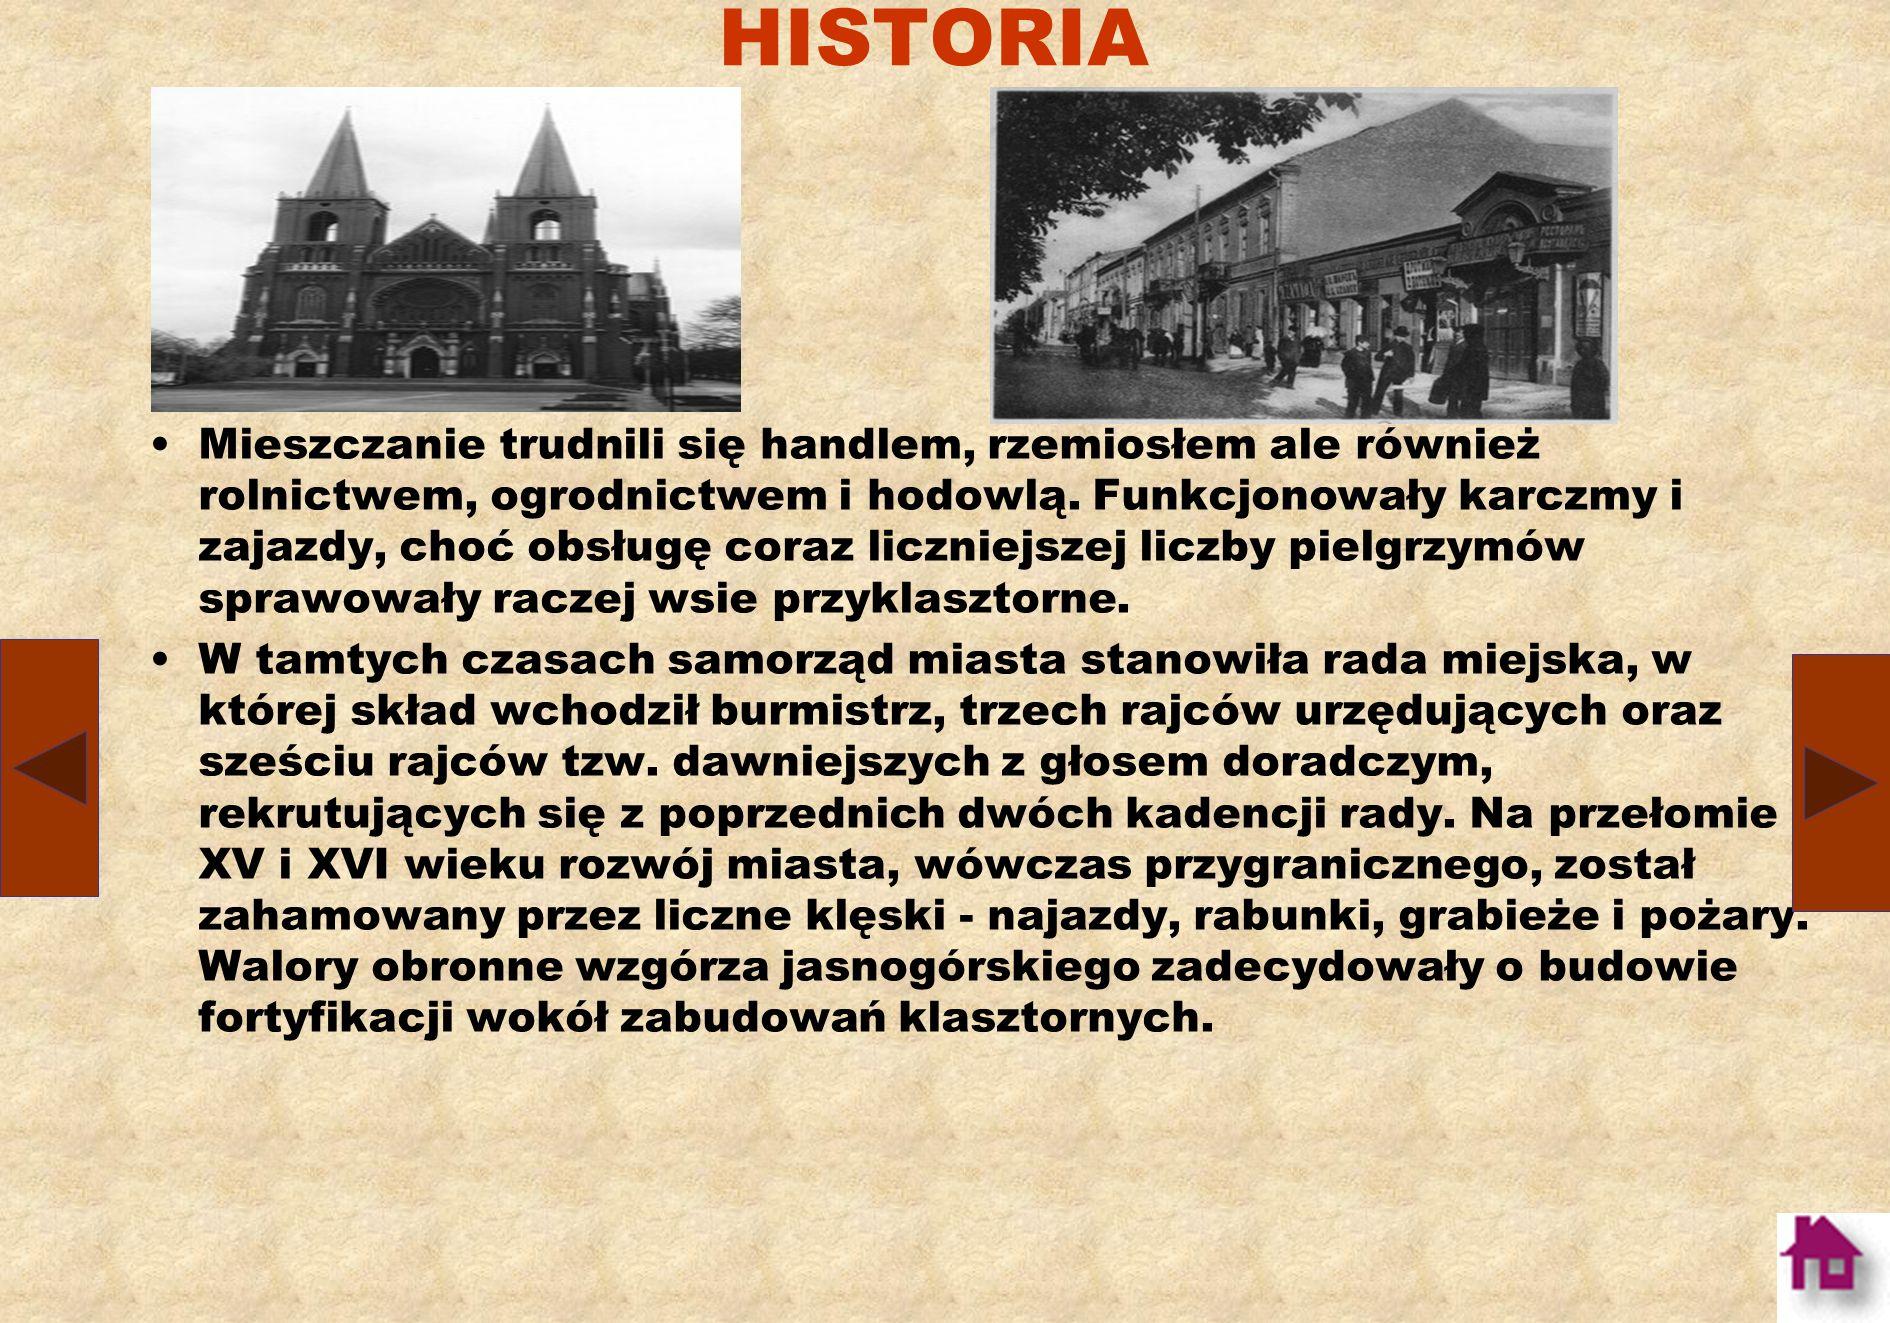 HISTORIA Na siedzibę dla paulińskiego konwentu św. Wawrzyńca, Książę Opolczyk wybrał kościół położony na obronnym wzniesieniu, górującym nad Częstocho